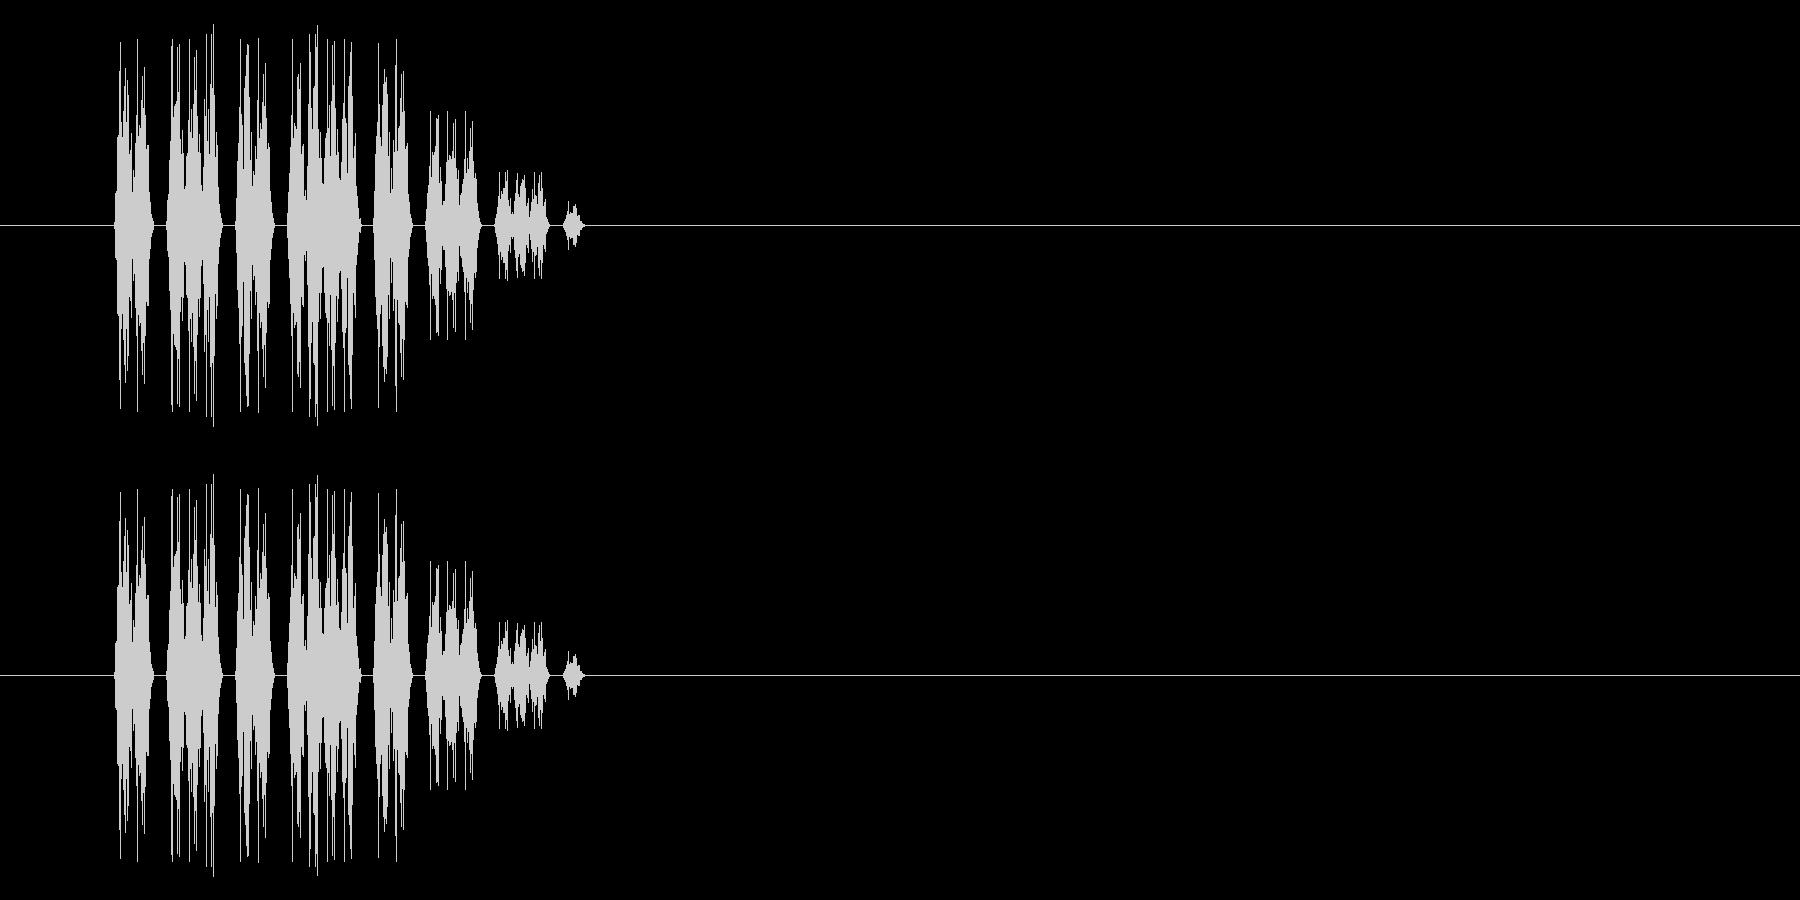 SNES 格闘02-08(電気)の未再生の波形